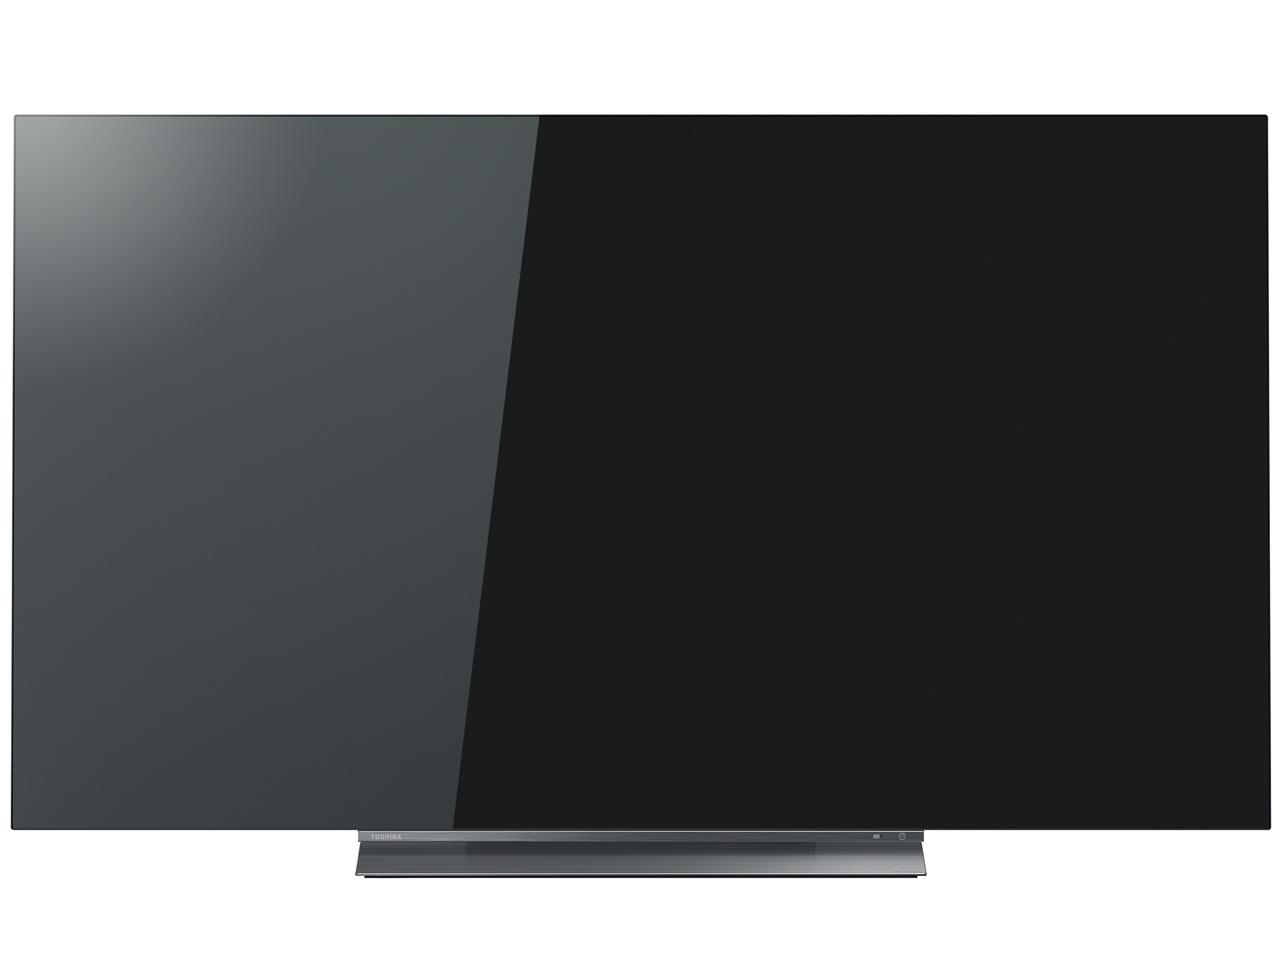 東芝 REGZA 65V型 有機ELパネル 地上・BS・110度CSデジタル4Kチューナー内蔵テレビ 65X830